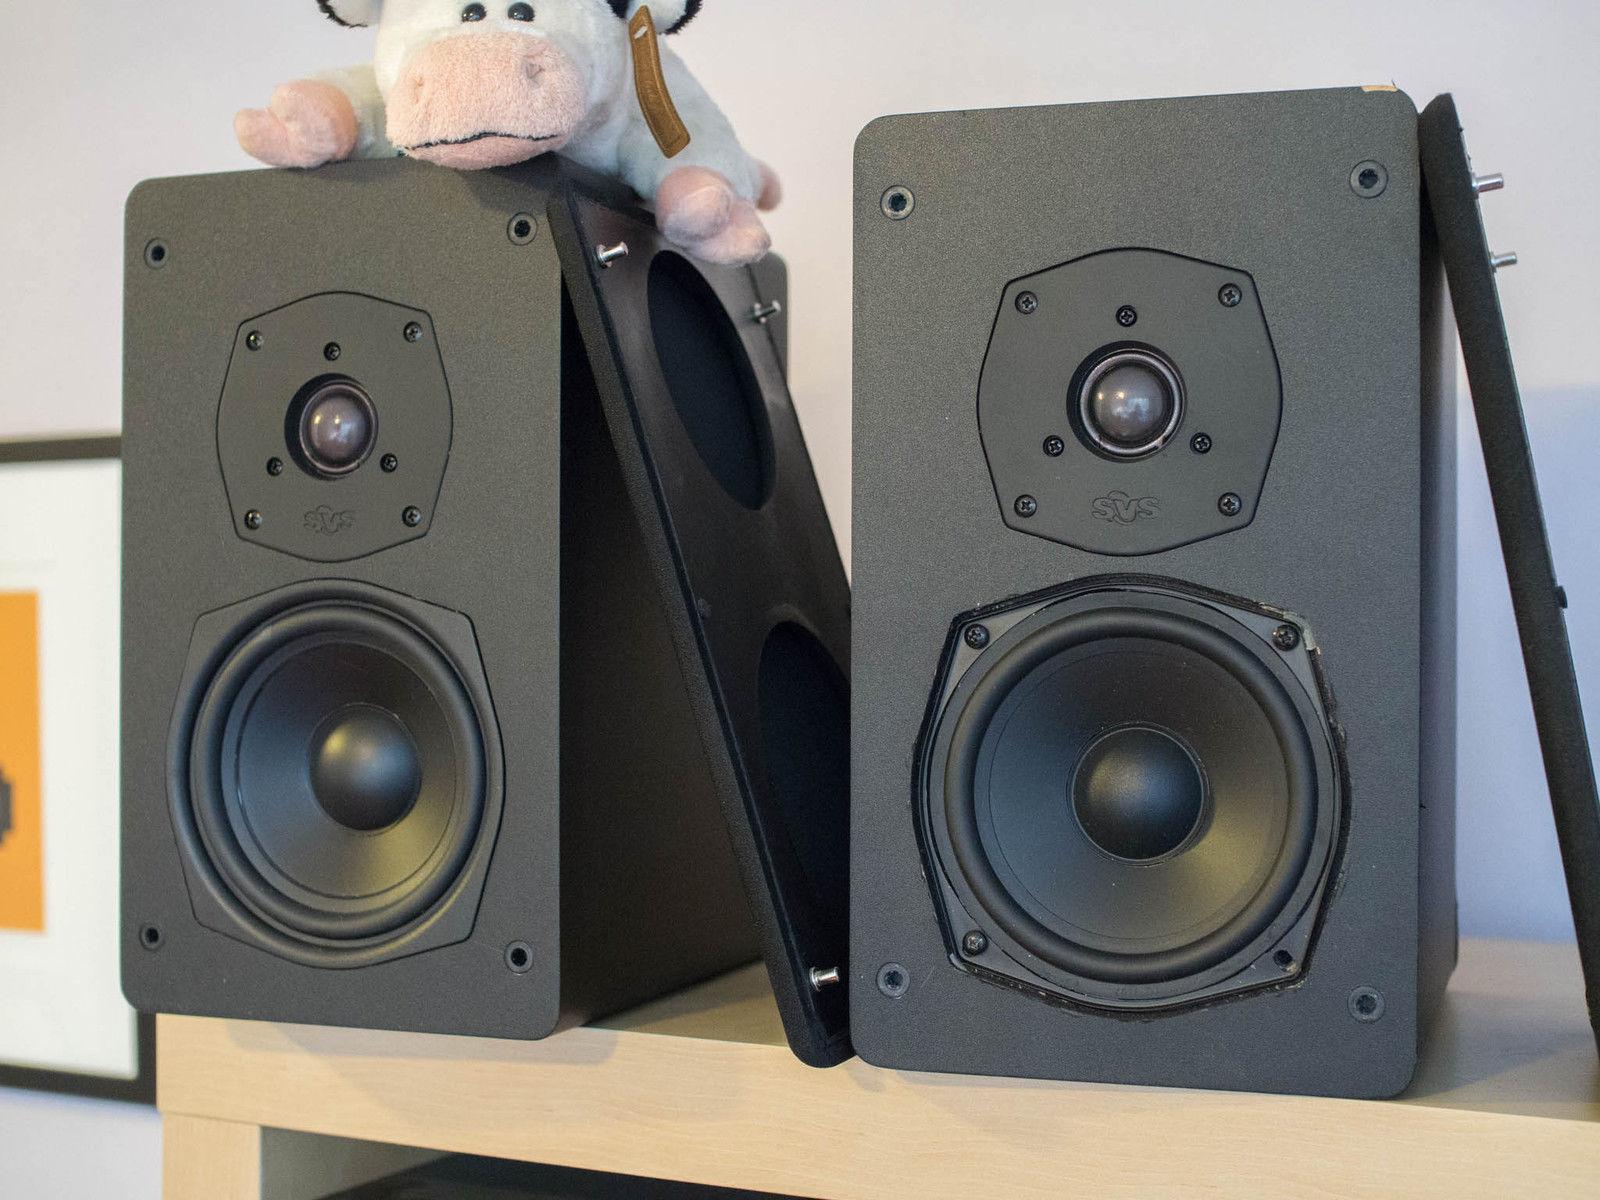 svs_speakers2.JPG